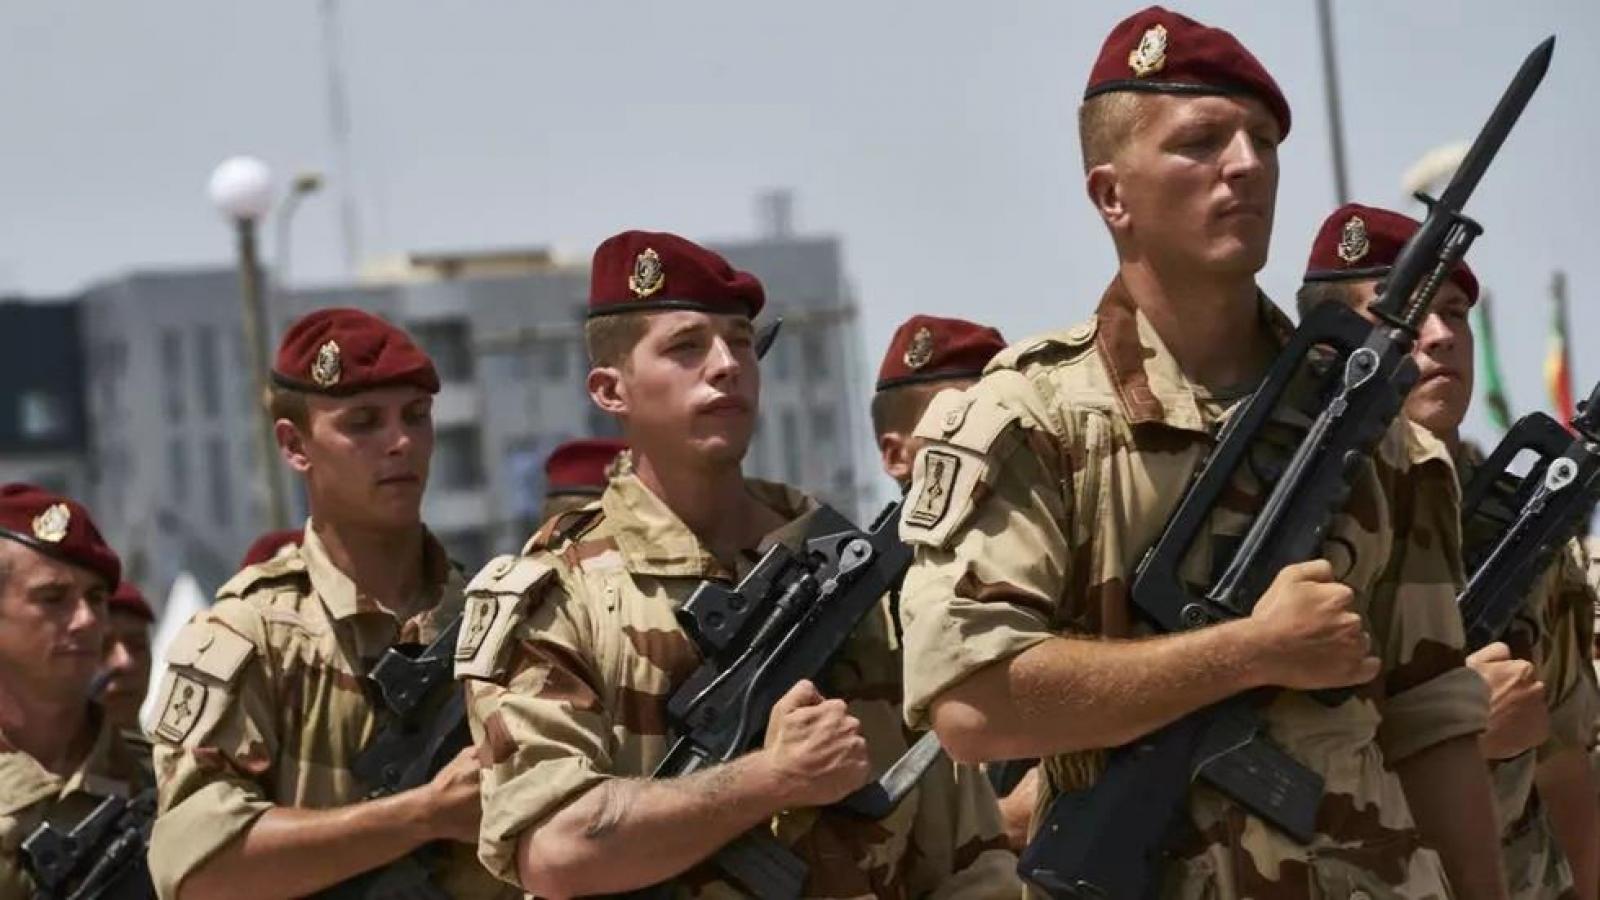 EU triển khai lực lượng đặc nhiệm hỗ trợ chống khủng bố ở châu Phi